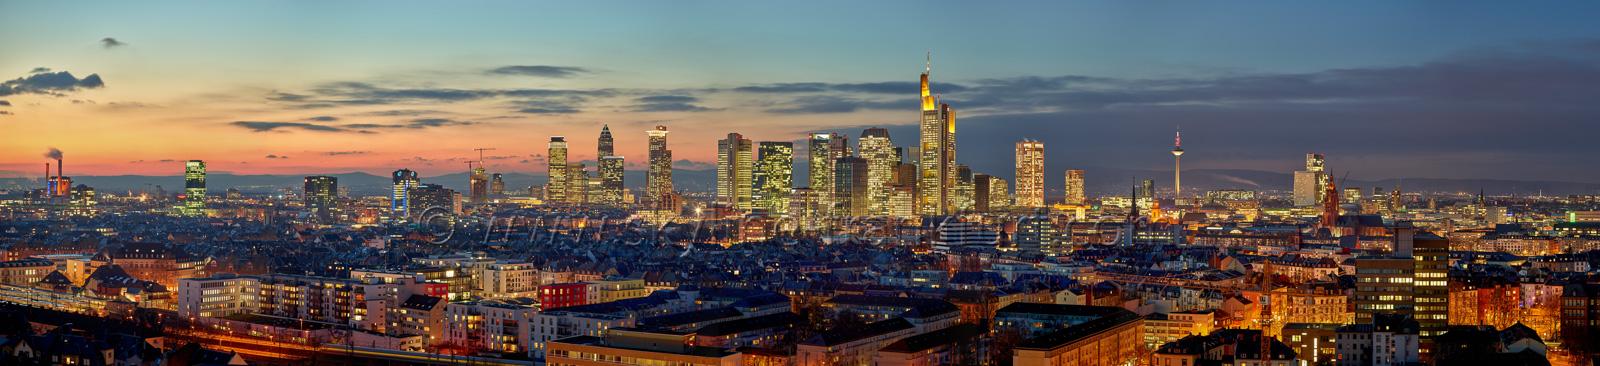 skyline-frankfurt-234